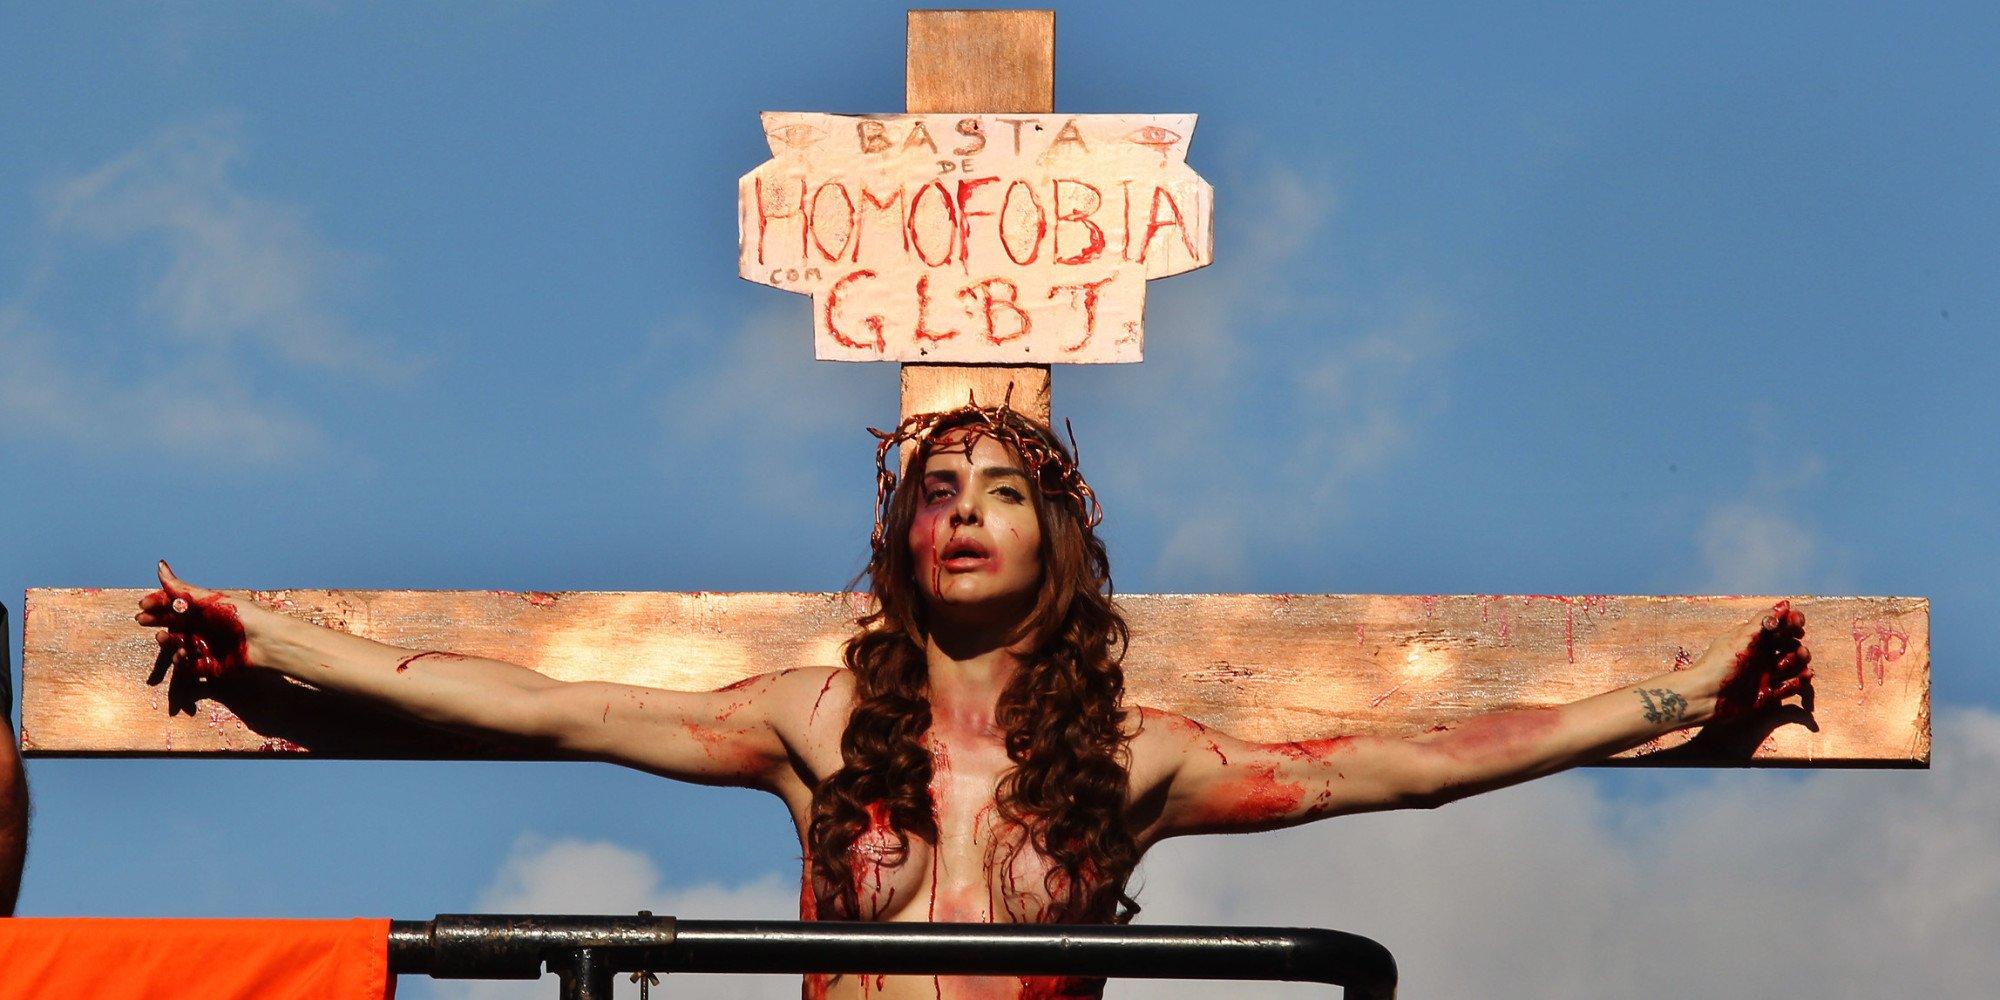 Cristofobia: um sacrilégio hediondo?